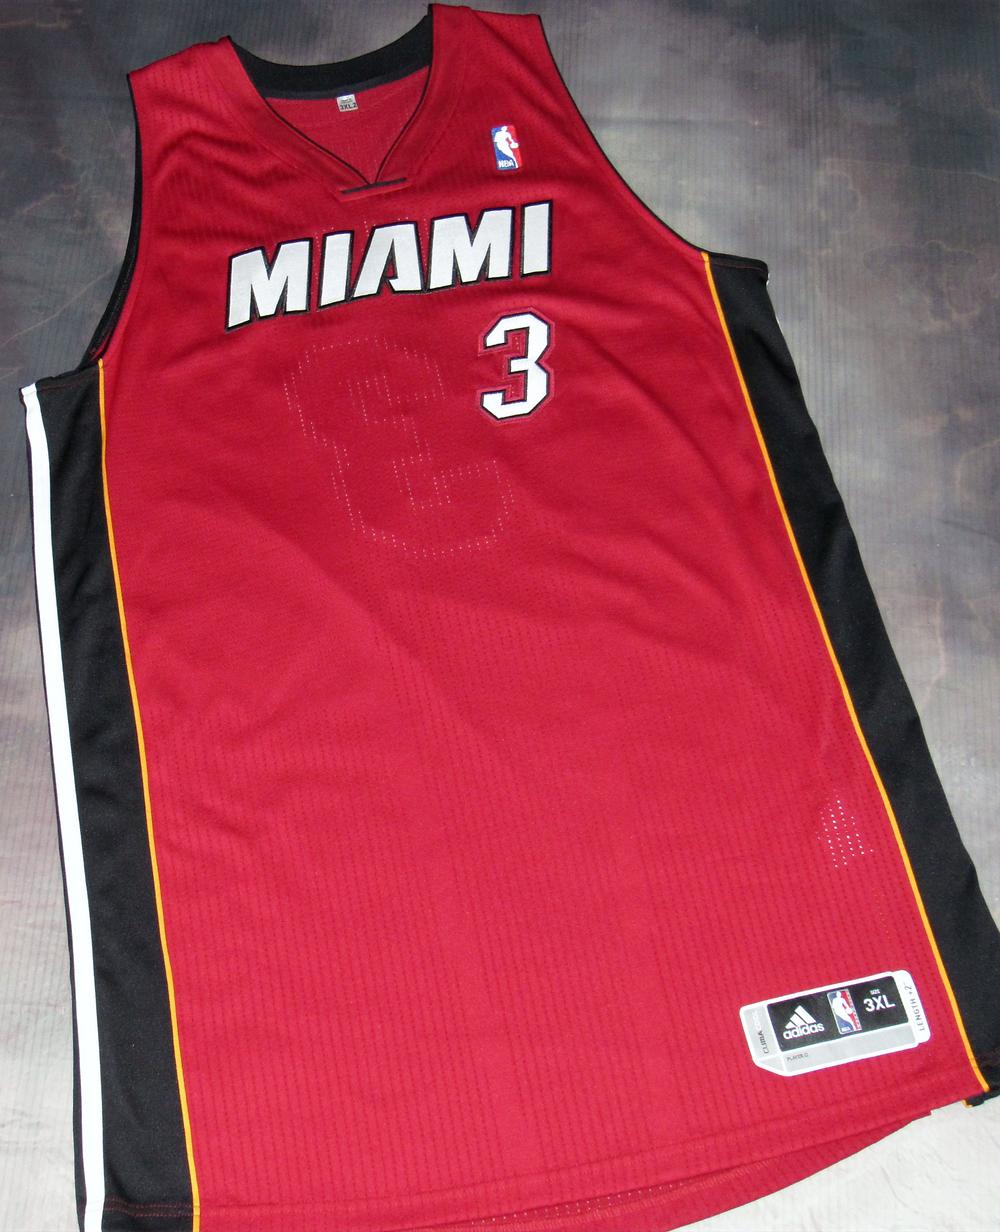 Dwayne Wade Heat Jersey Alternate